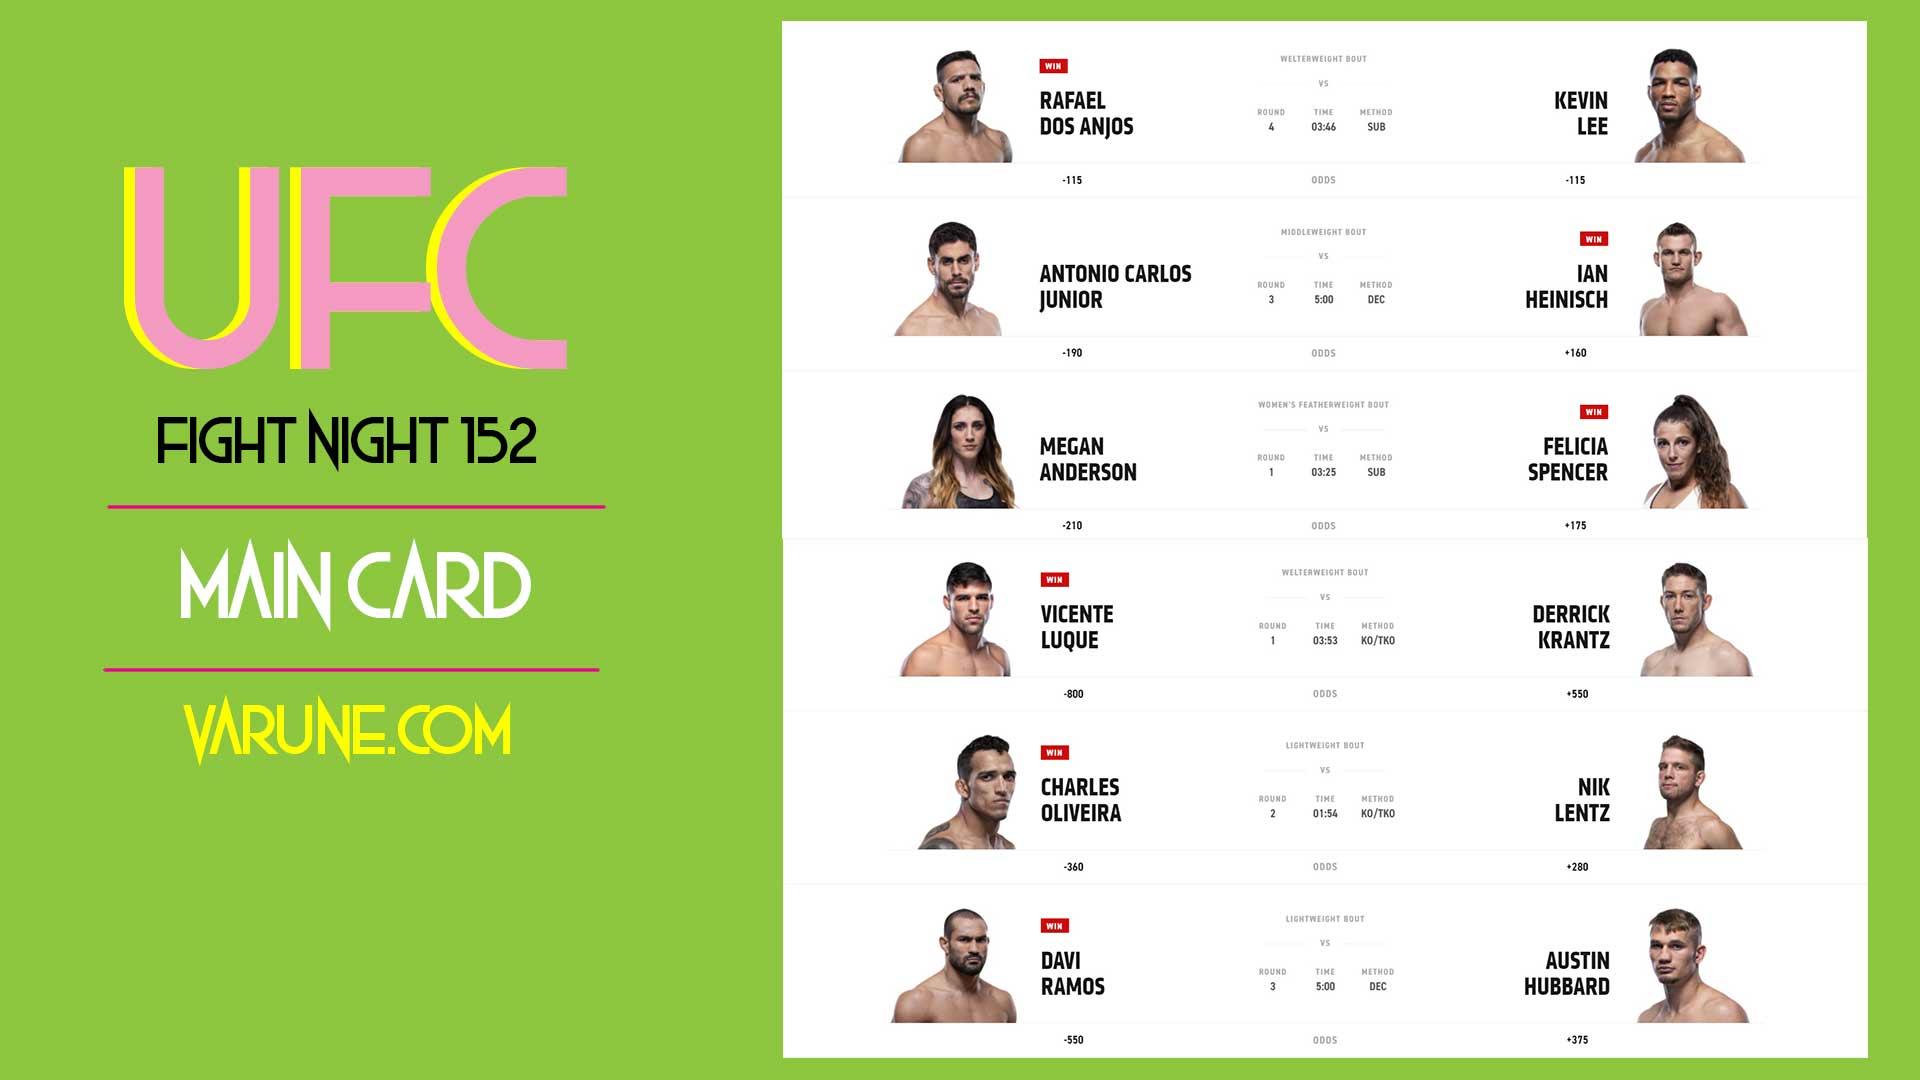 نگاهی به مبارزات UFC Fight Night 152